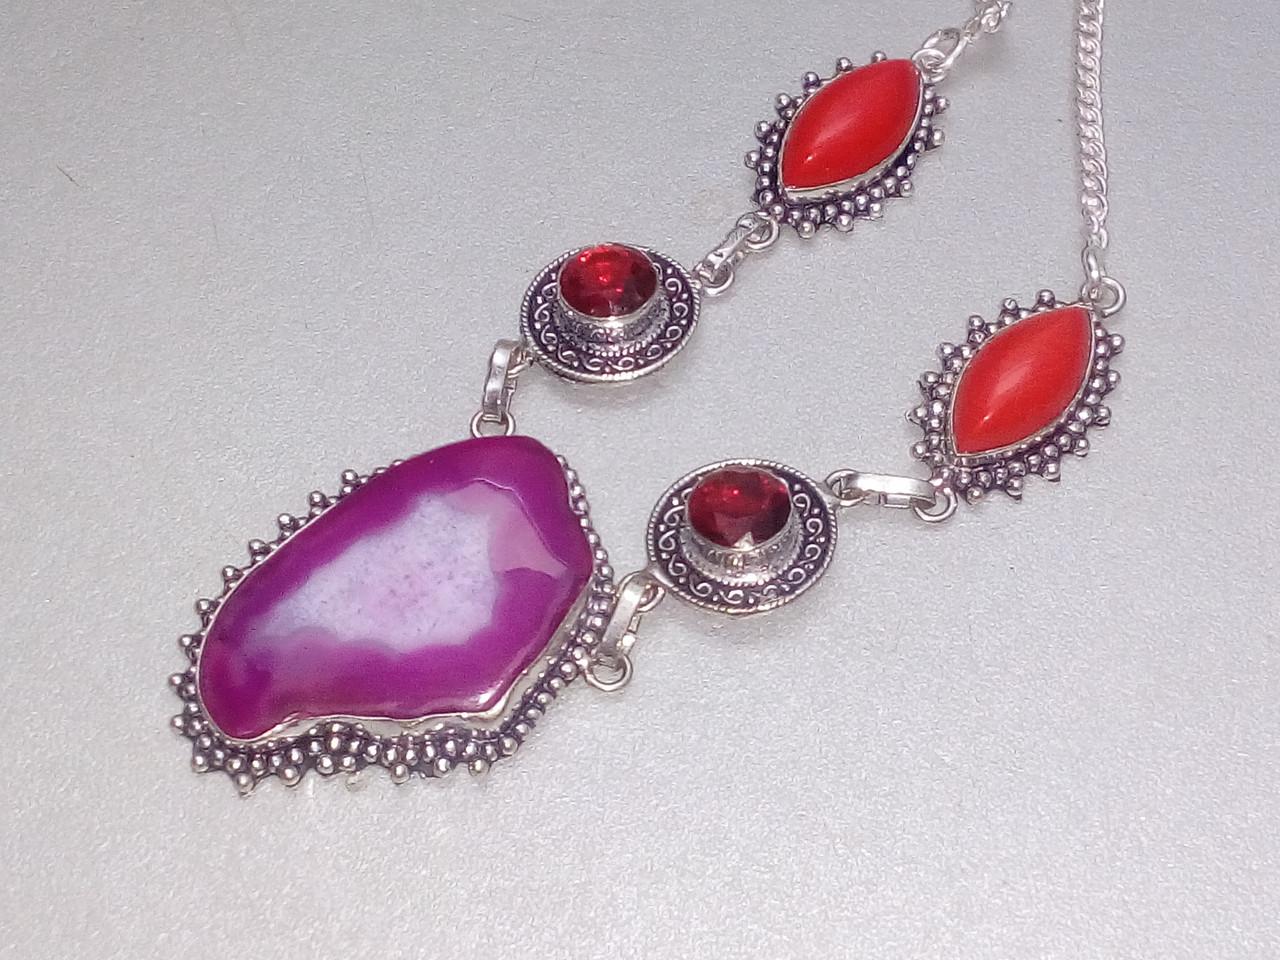 Ботсванский агат, коралл, гранат ожерелье, колье с натуральными камнями в серебре Индия